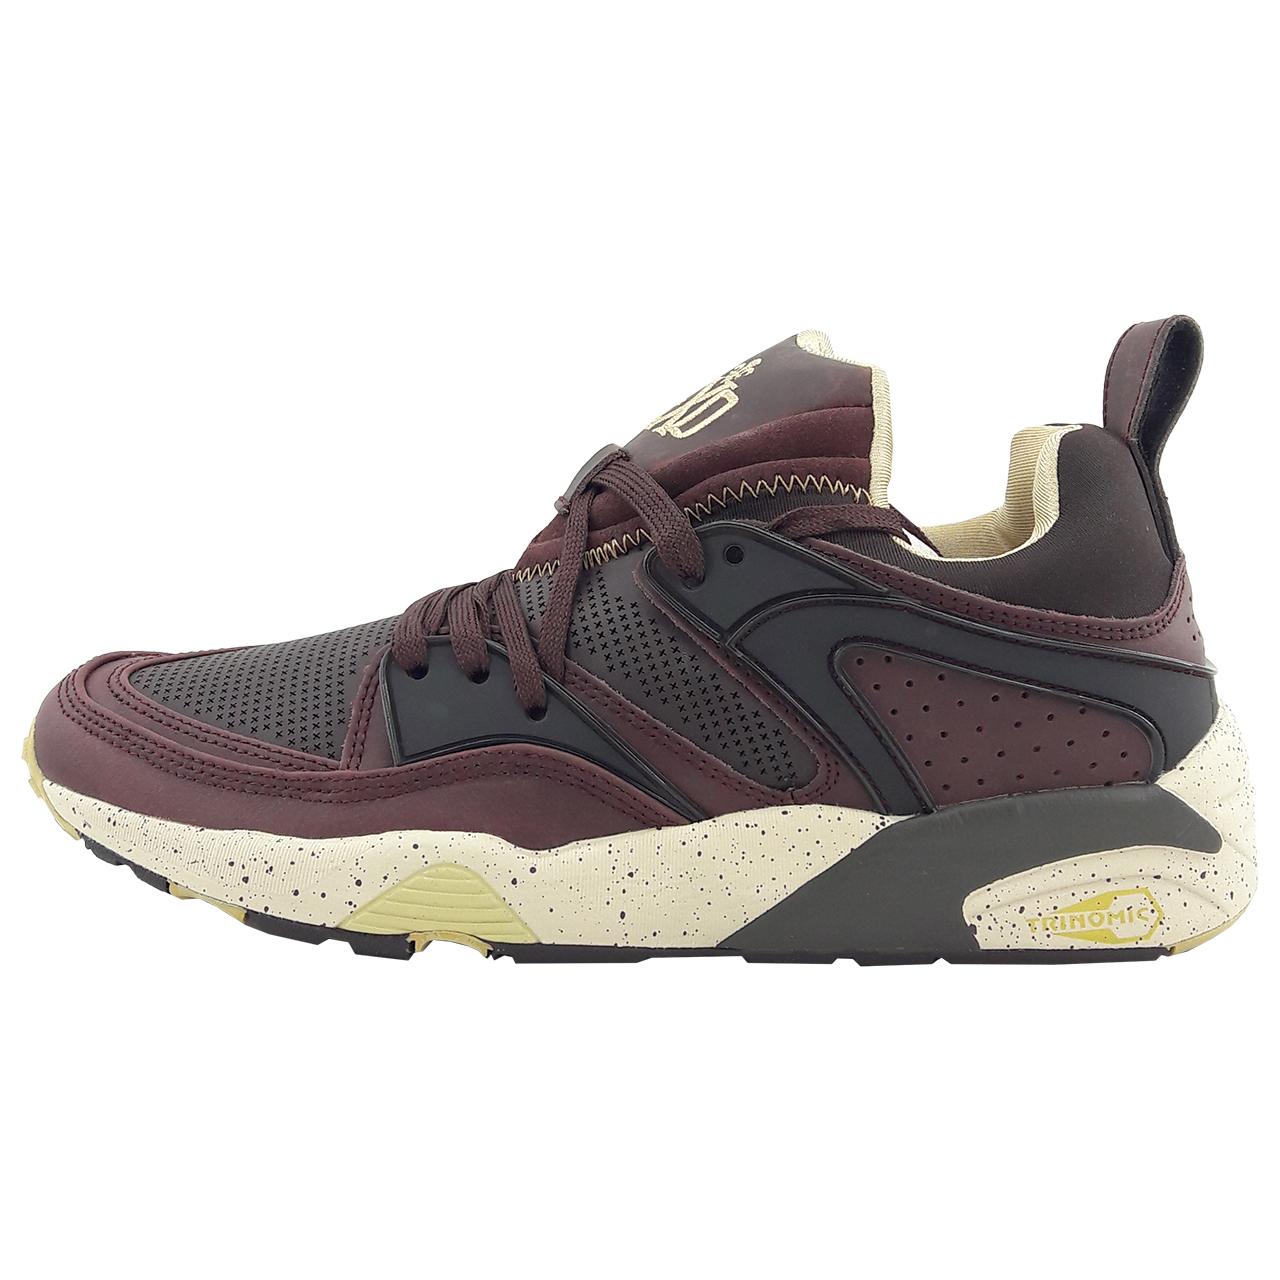 کفش مخصوص پیاده روی مردانه پوما مدل Blaze of glory x chestnuts